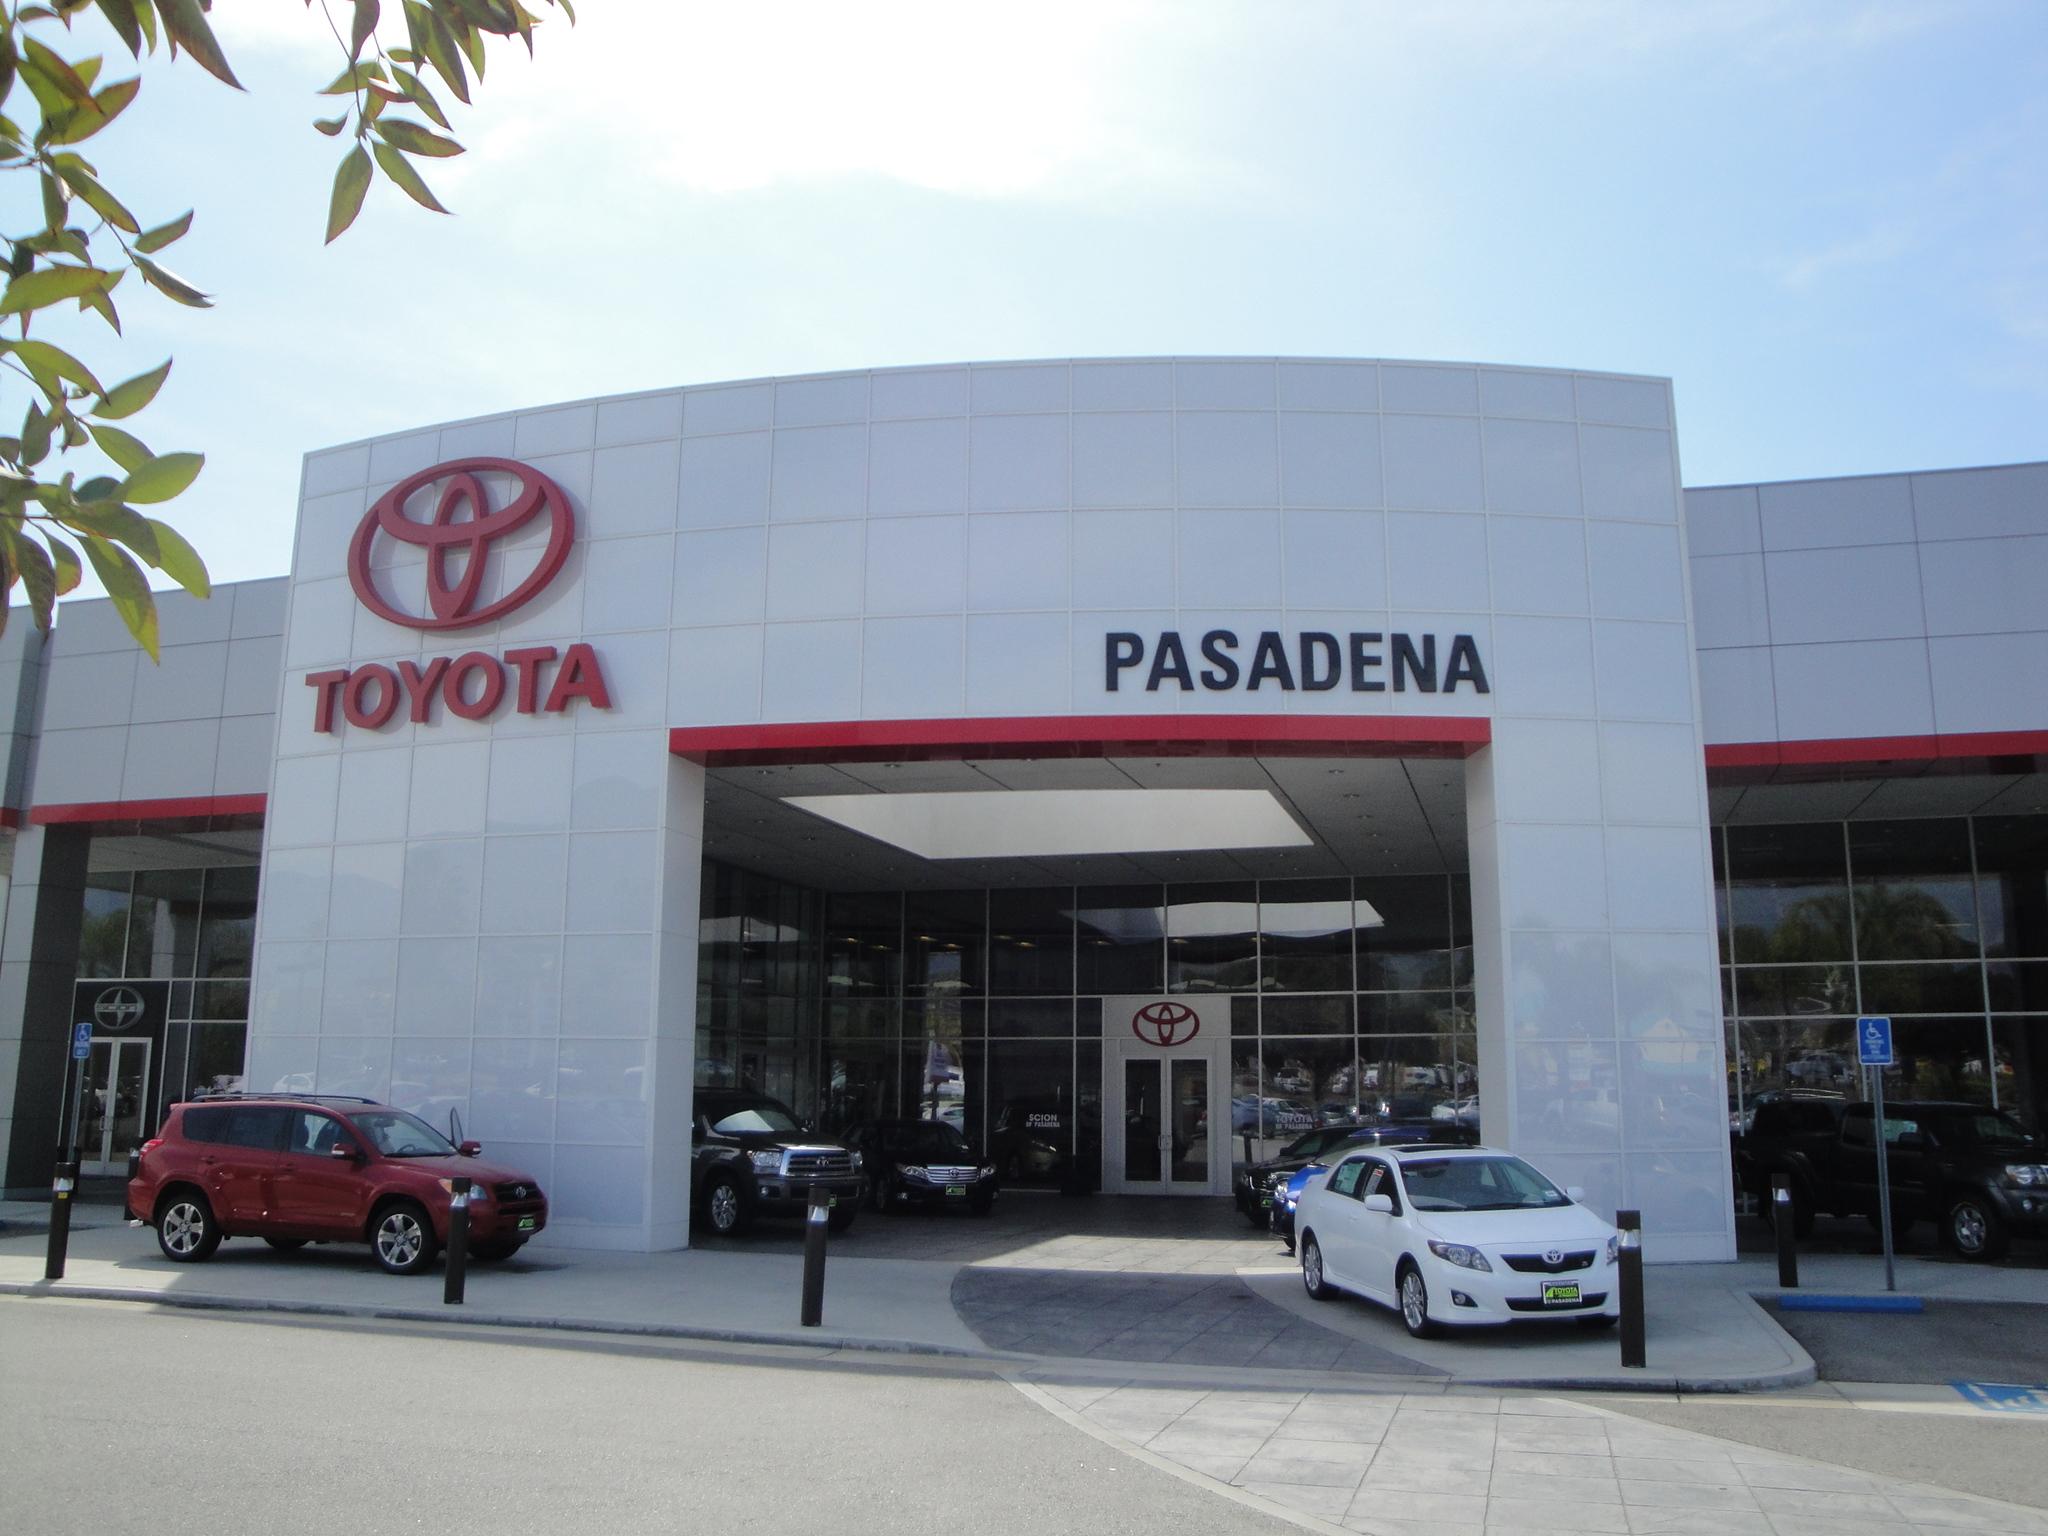 Toyota Pasadena - Pasadena, CA 91107 - (626)795-9787 | ShowMeLocal.com